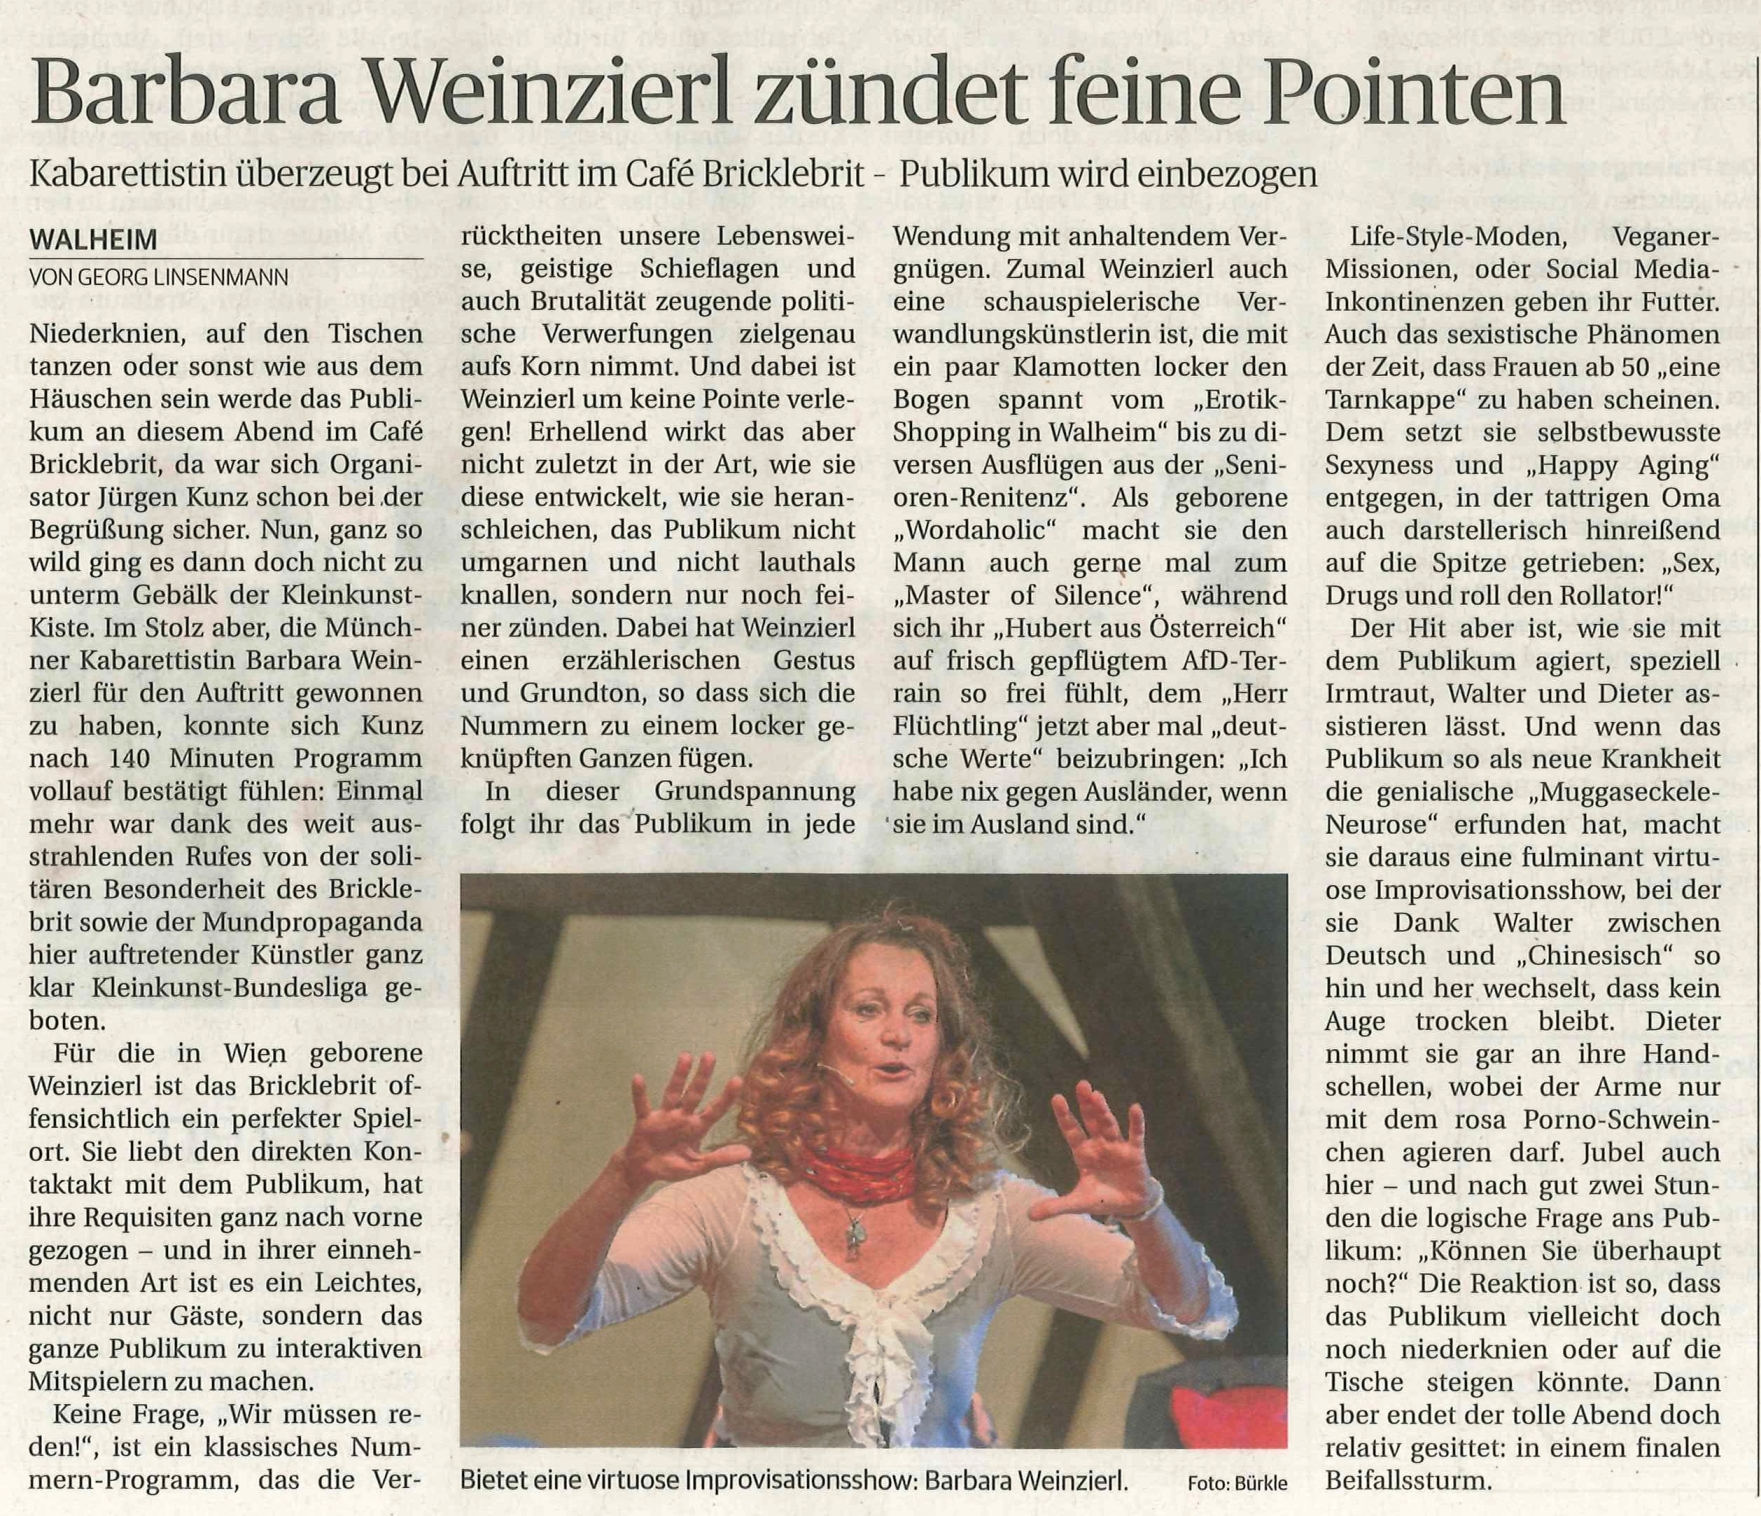 """Barbara Weinzierls Kabarett """"Wir müssen reden! Sex, Geld und Erleuchtung"""" - Kritik in der Ludwigsburger Kreiszeitung vom 5. Juni 2018 als jpeg-Bild"""